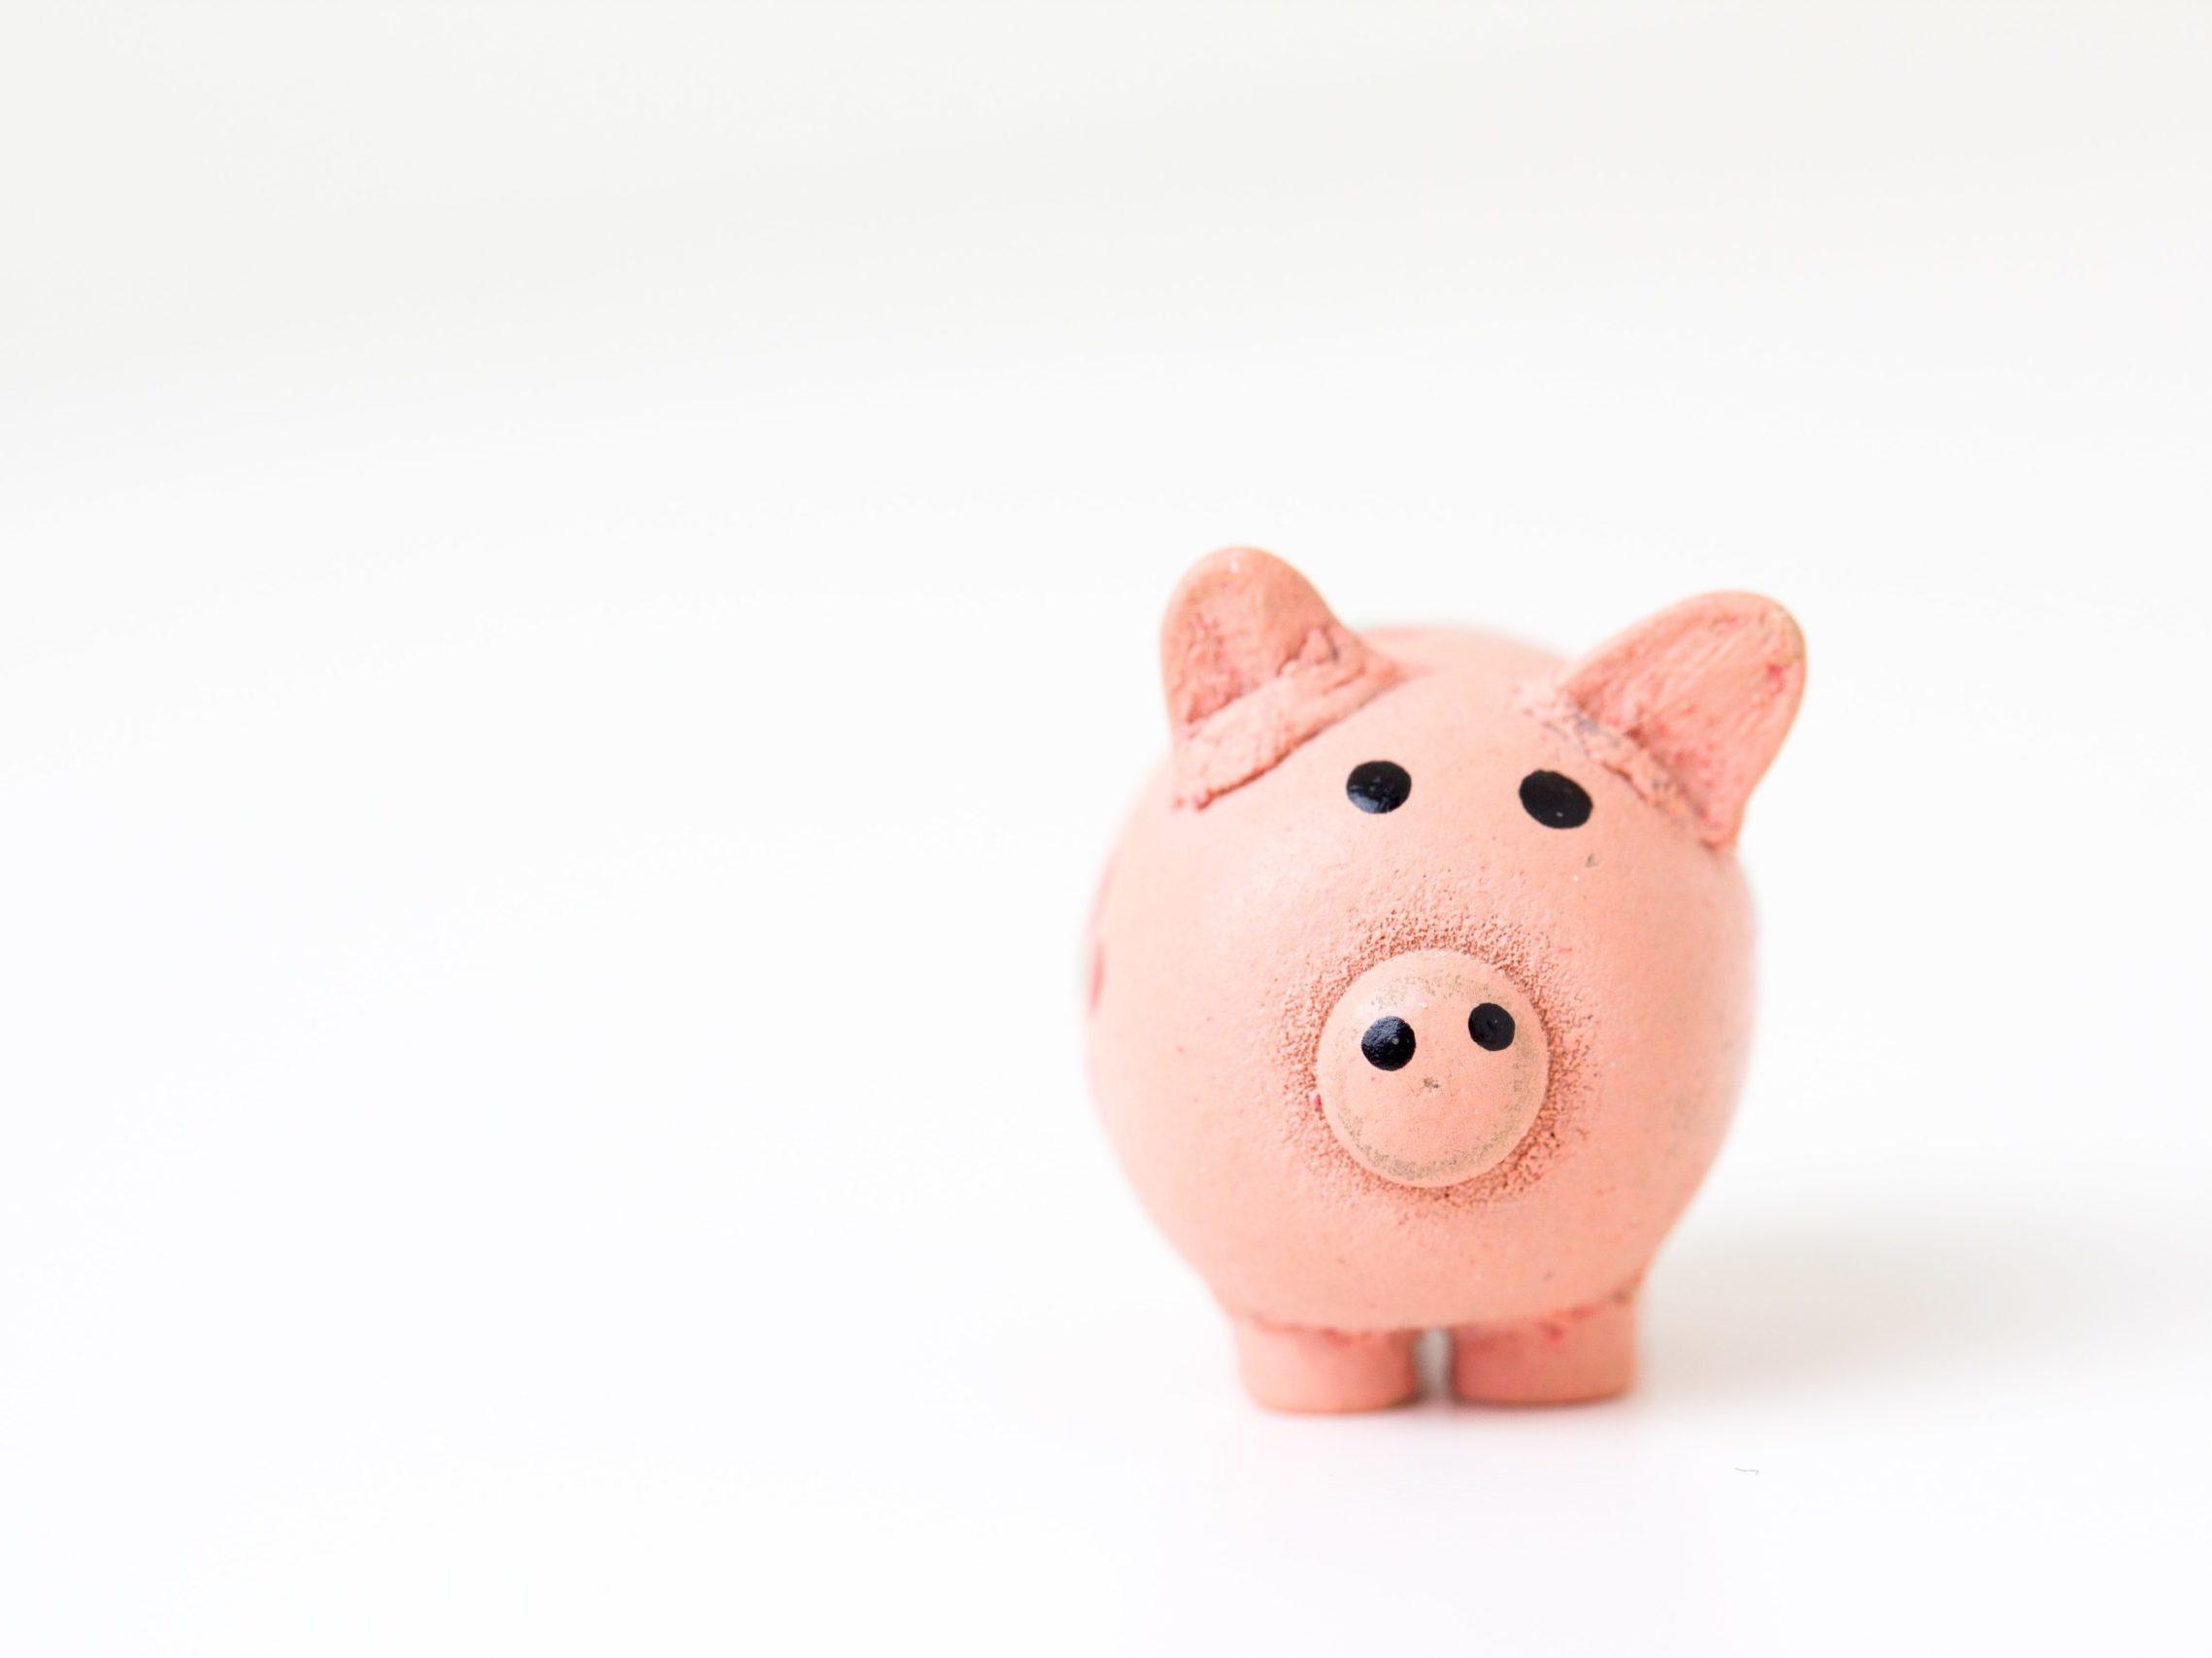 stock_schwein-discount-mehrwertsteuer-vat